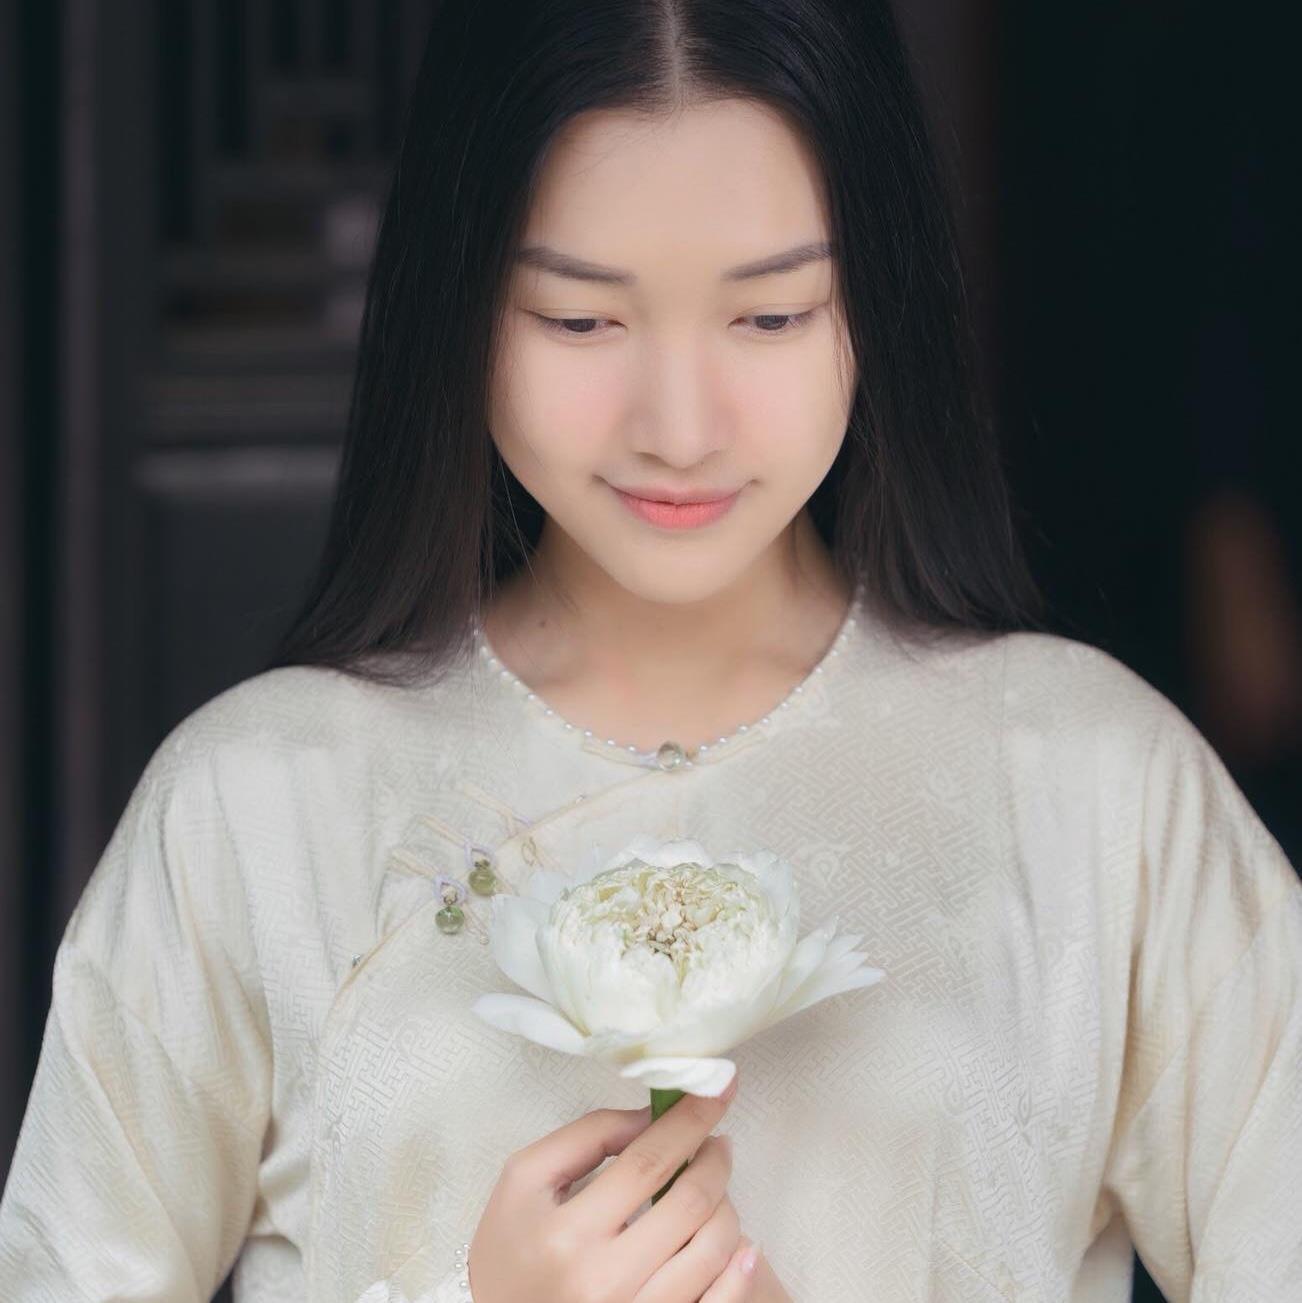 Các cô gái Huế xinh đẹp, sang chảnh toàn Á hậu, người mẫu nổi tiếng Ảnh 2